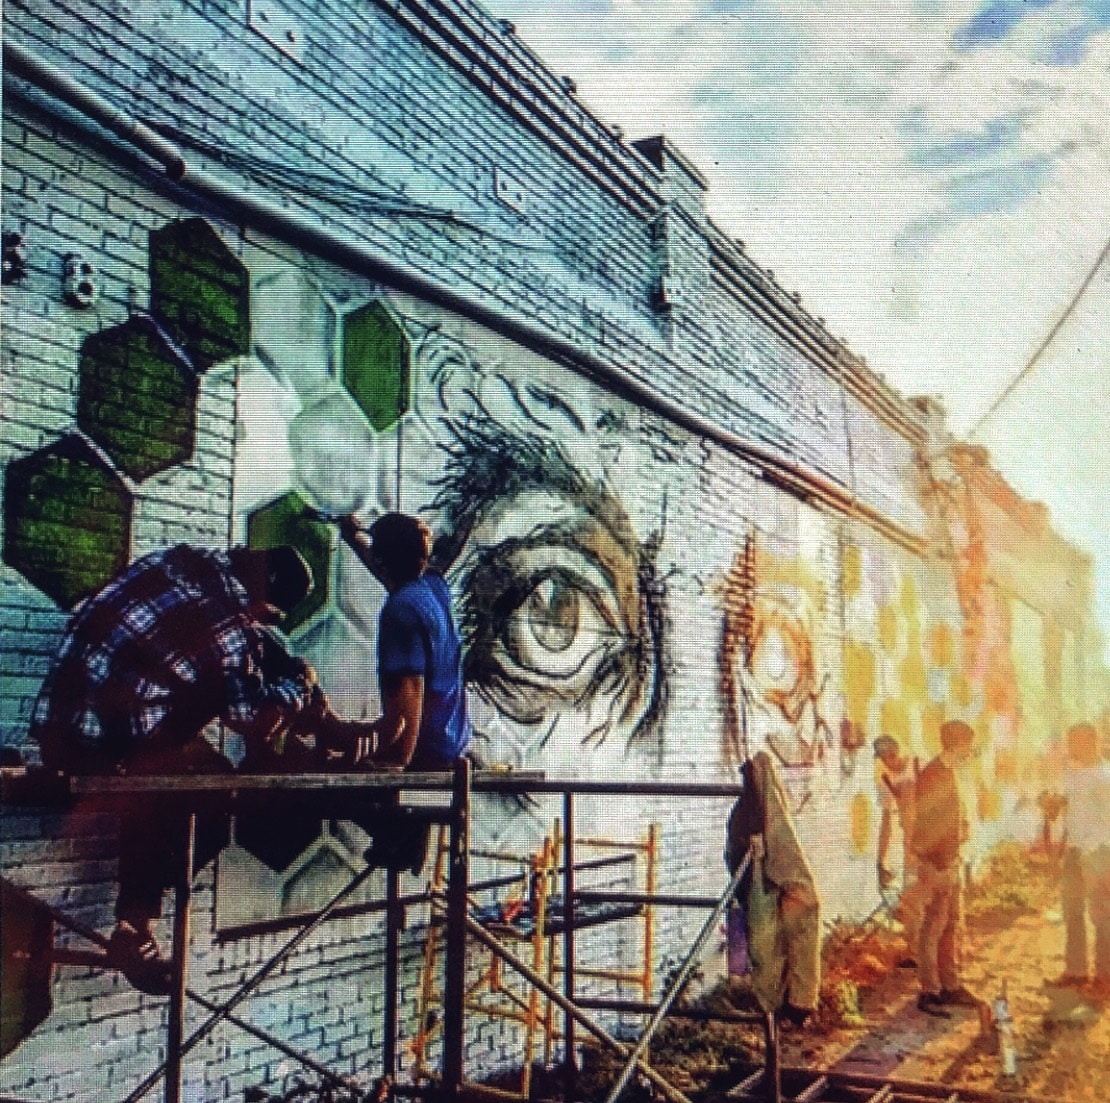 Bham Now's Instagram spotlight on Birmingham murals